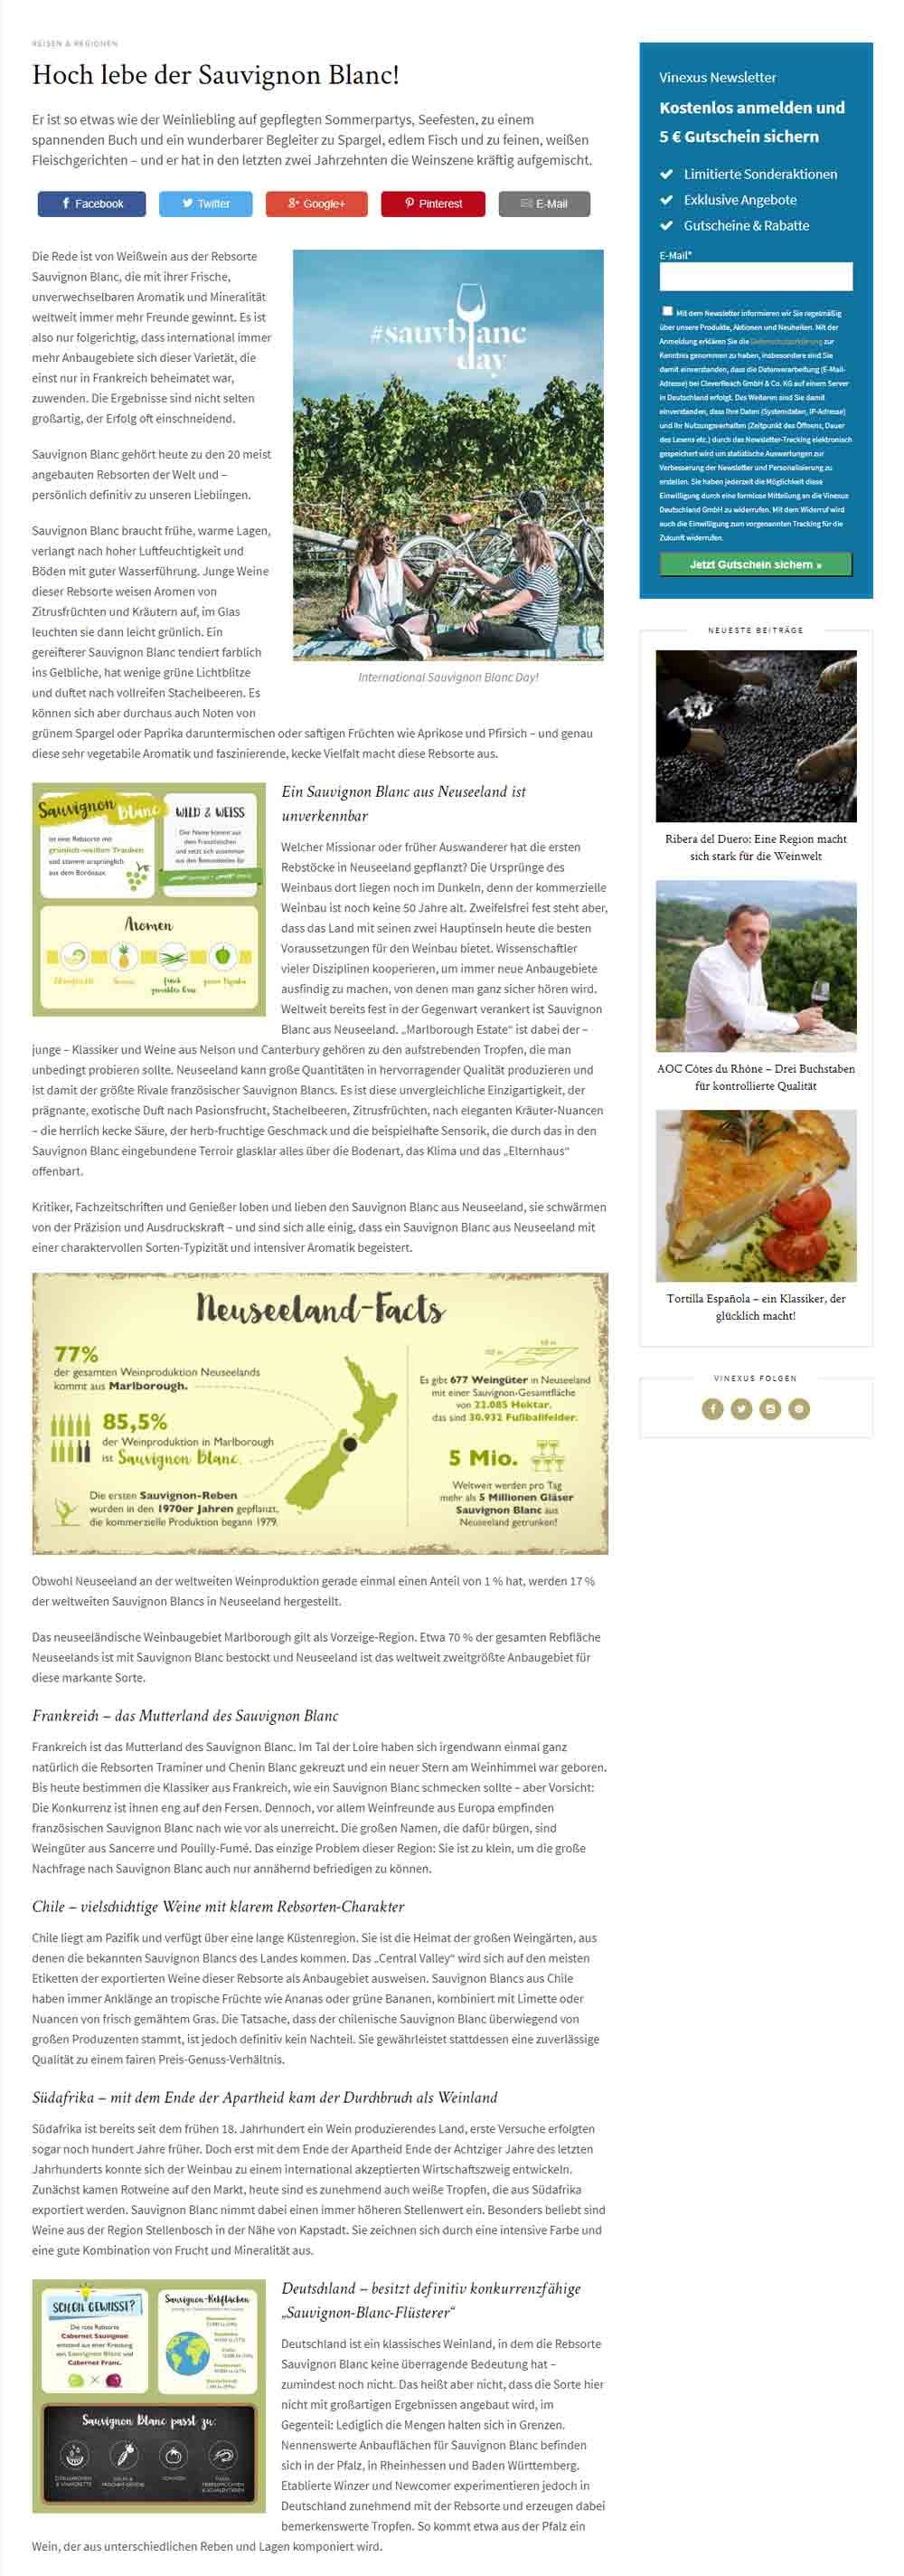 Vinexus Magazin Sauvignon Blanc Day Beitrag